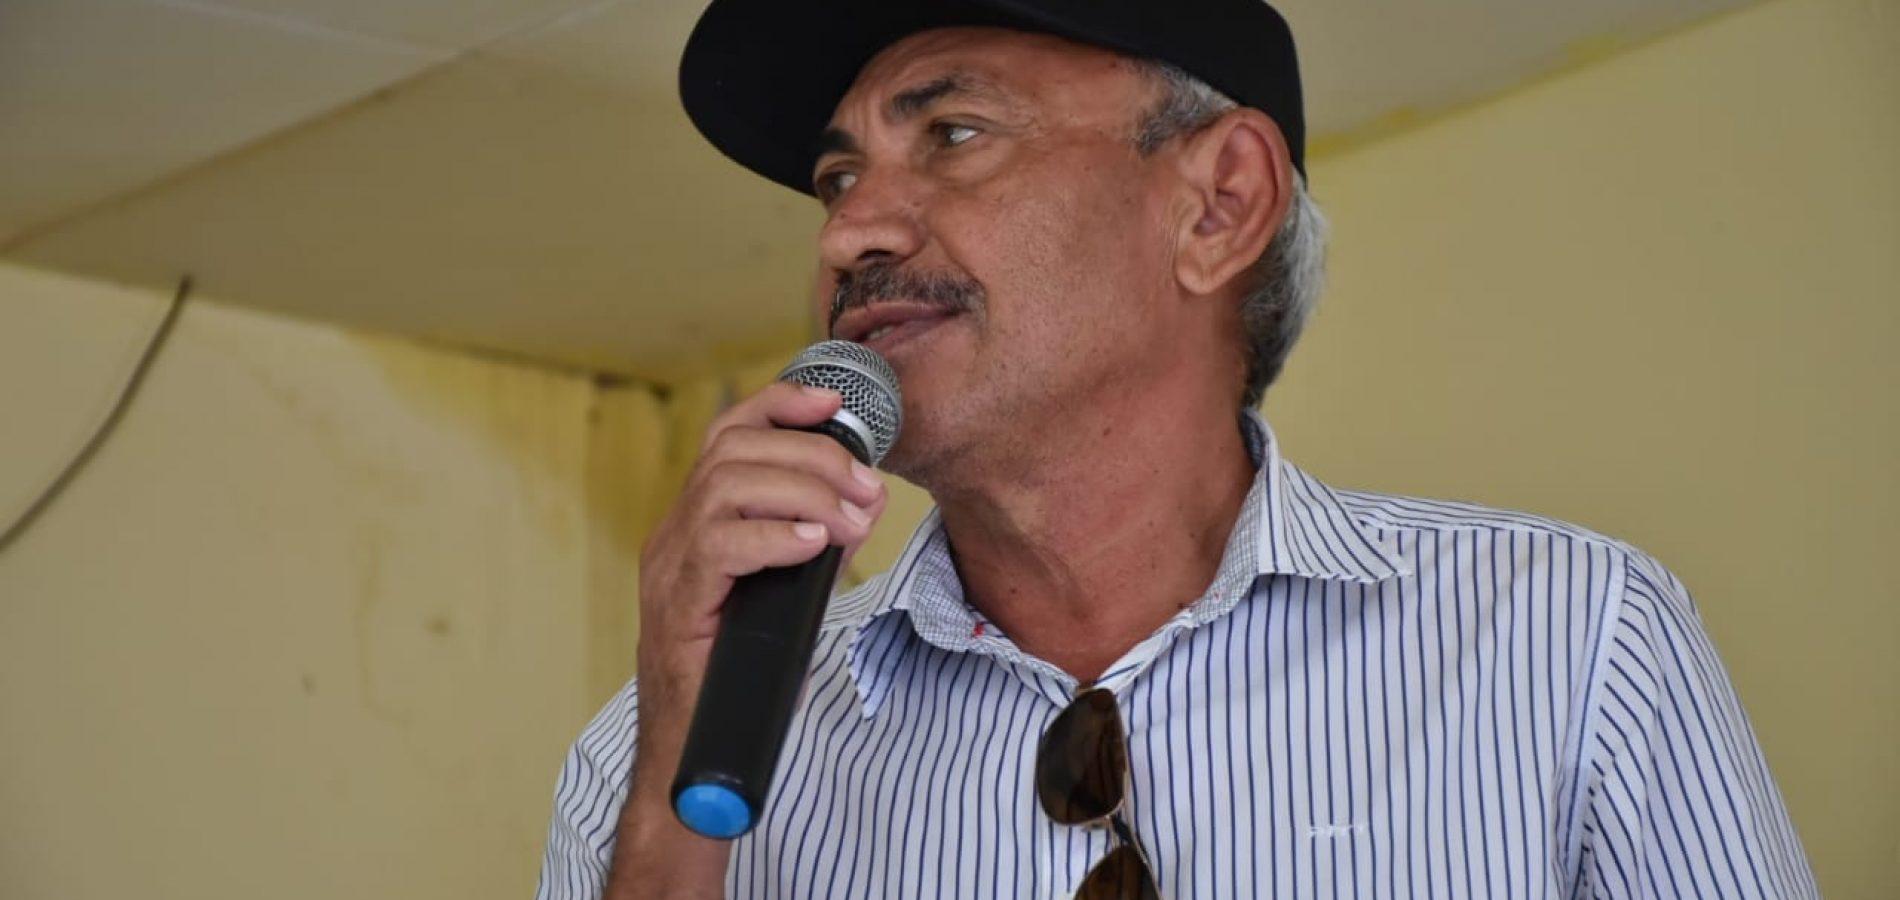 Adelino Oliveira apresenta dois requerimentos em sessão na Câmara de Vila Nova. Veja o que foi solicitado!